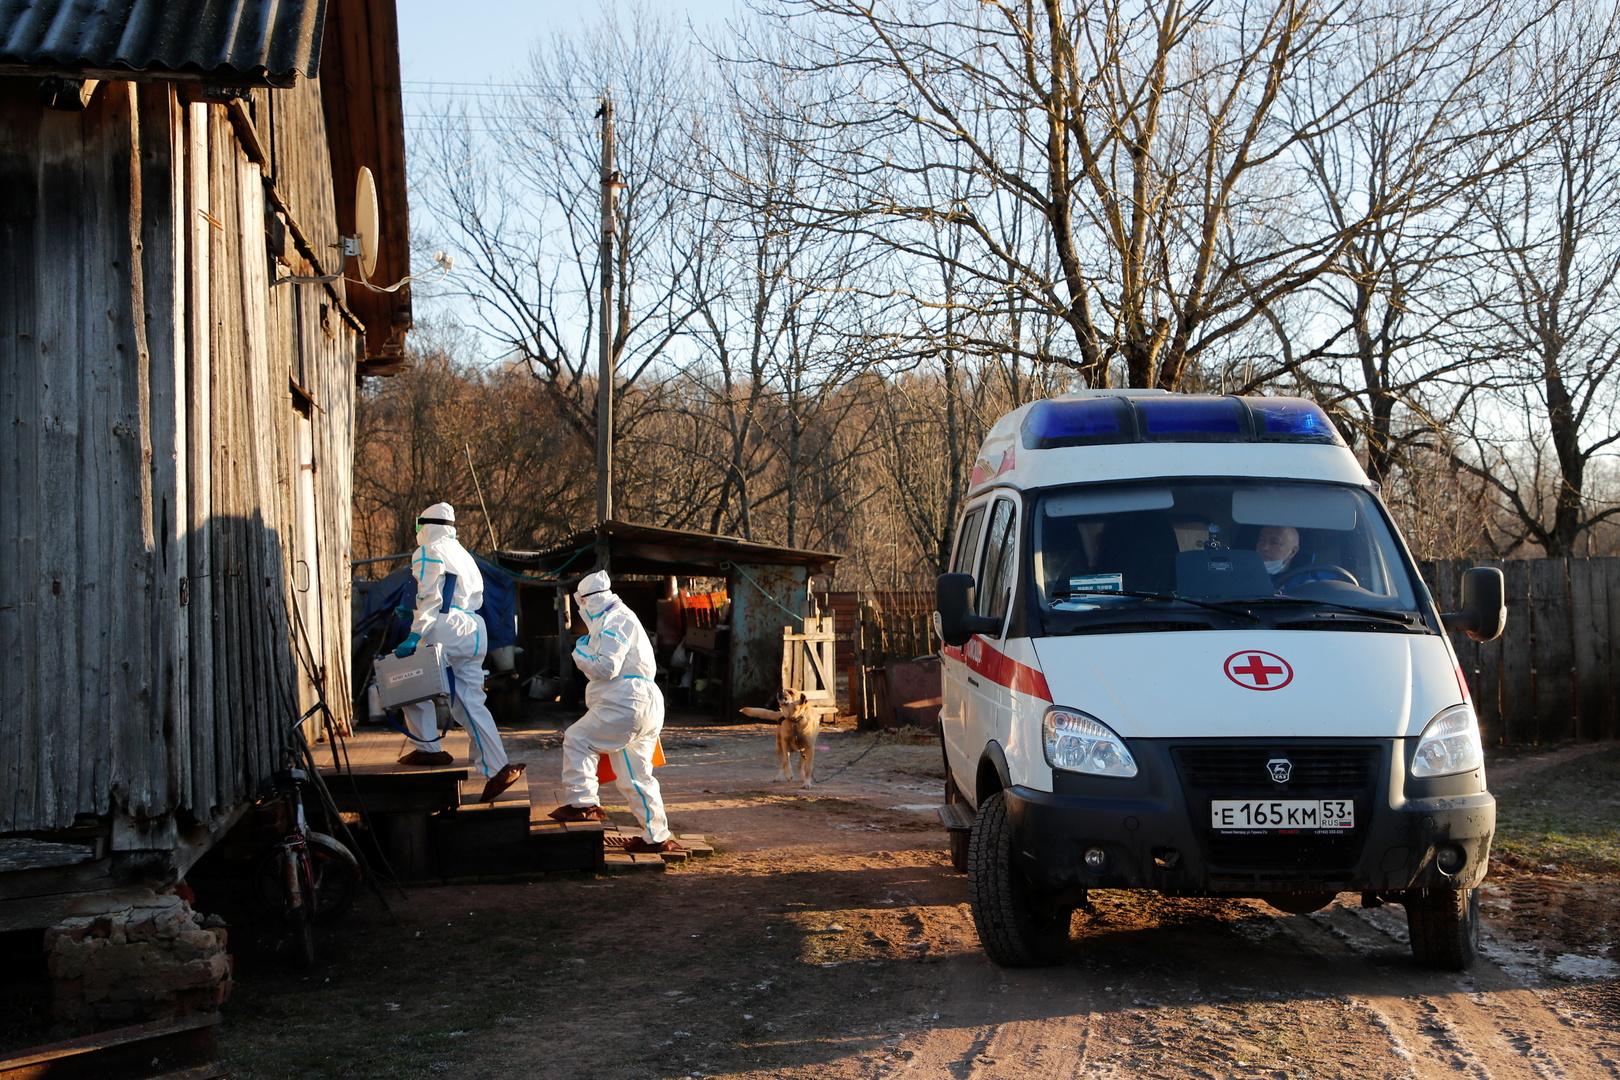 روسيا تسجل أدنى حصيلة إصابات يومية بكورونا منذ أكثر من شهرين